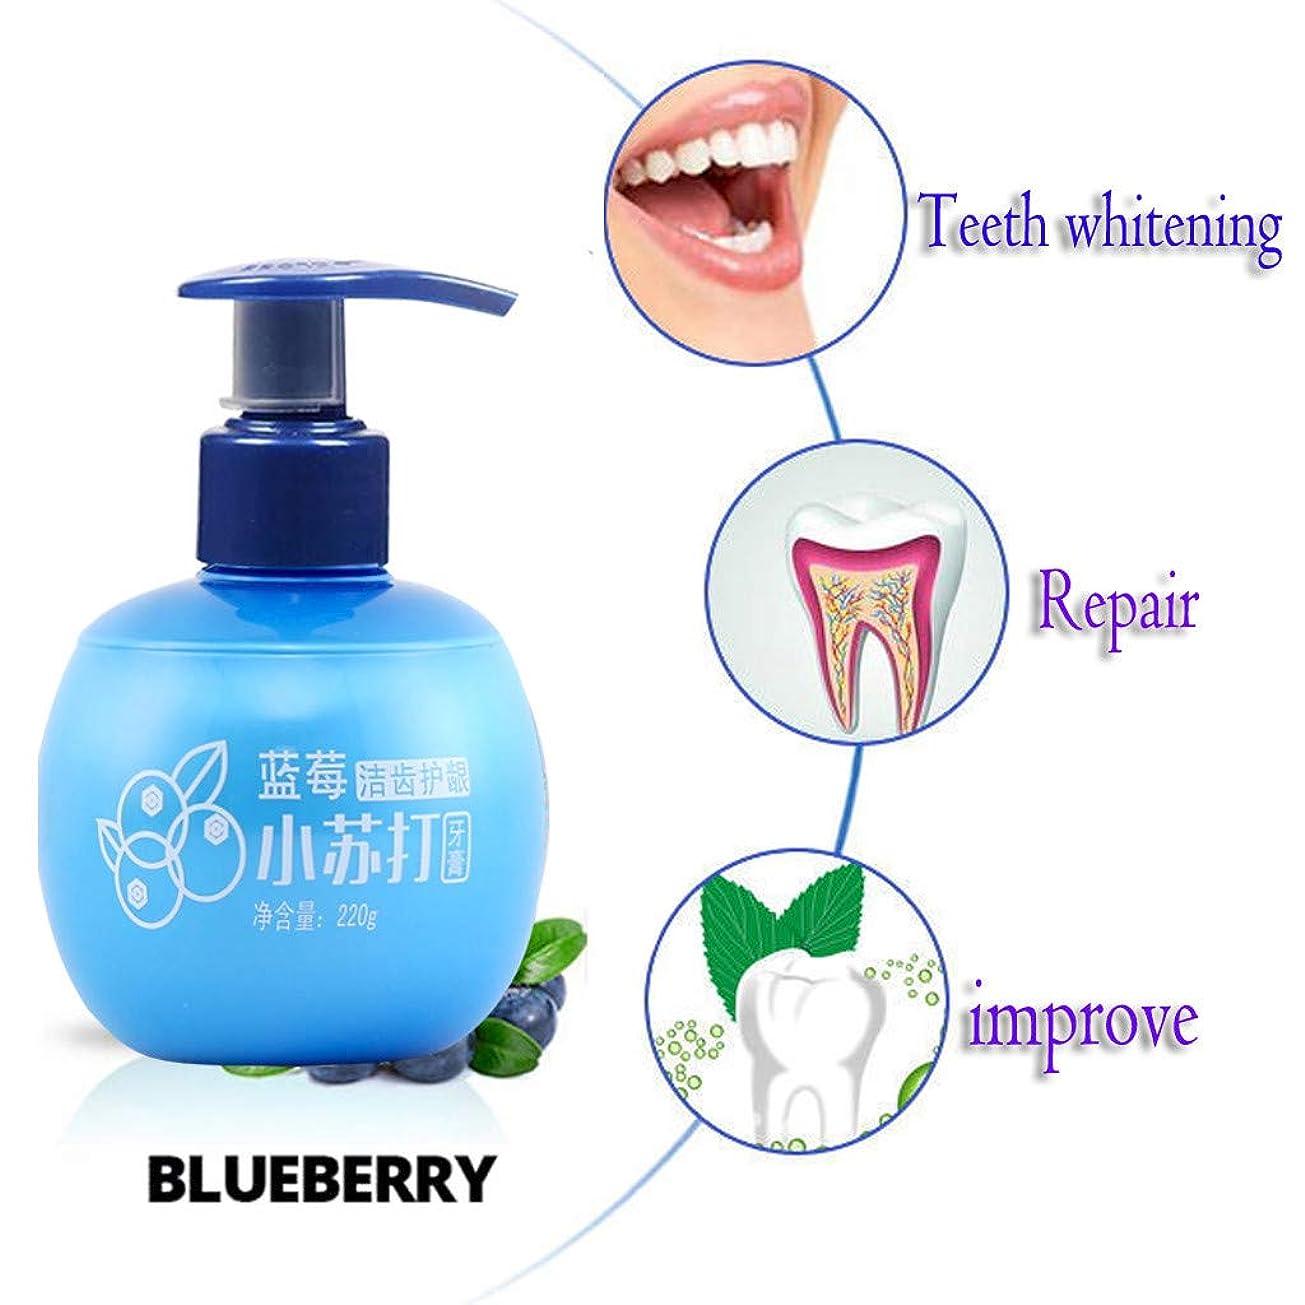 聴覚障害者可塑性習熟度歯磨き粉を白くする強い除染 歯茎出血性歯磨き粉に対して[味 パッションフルーツ ブルーベリー ]新鮮な息 虫歯を防ぐ 歯と歯茎を強化する プッシュポンプヘッド (ブルー)